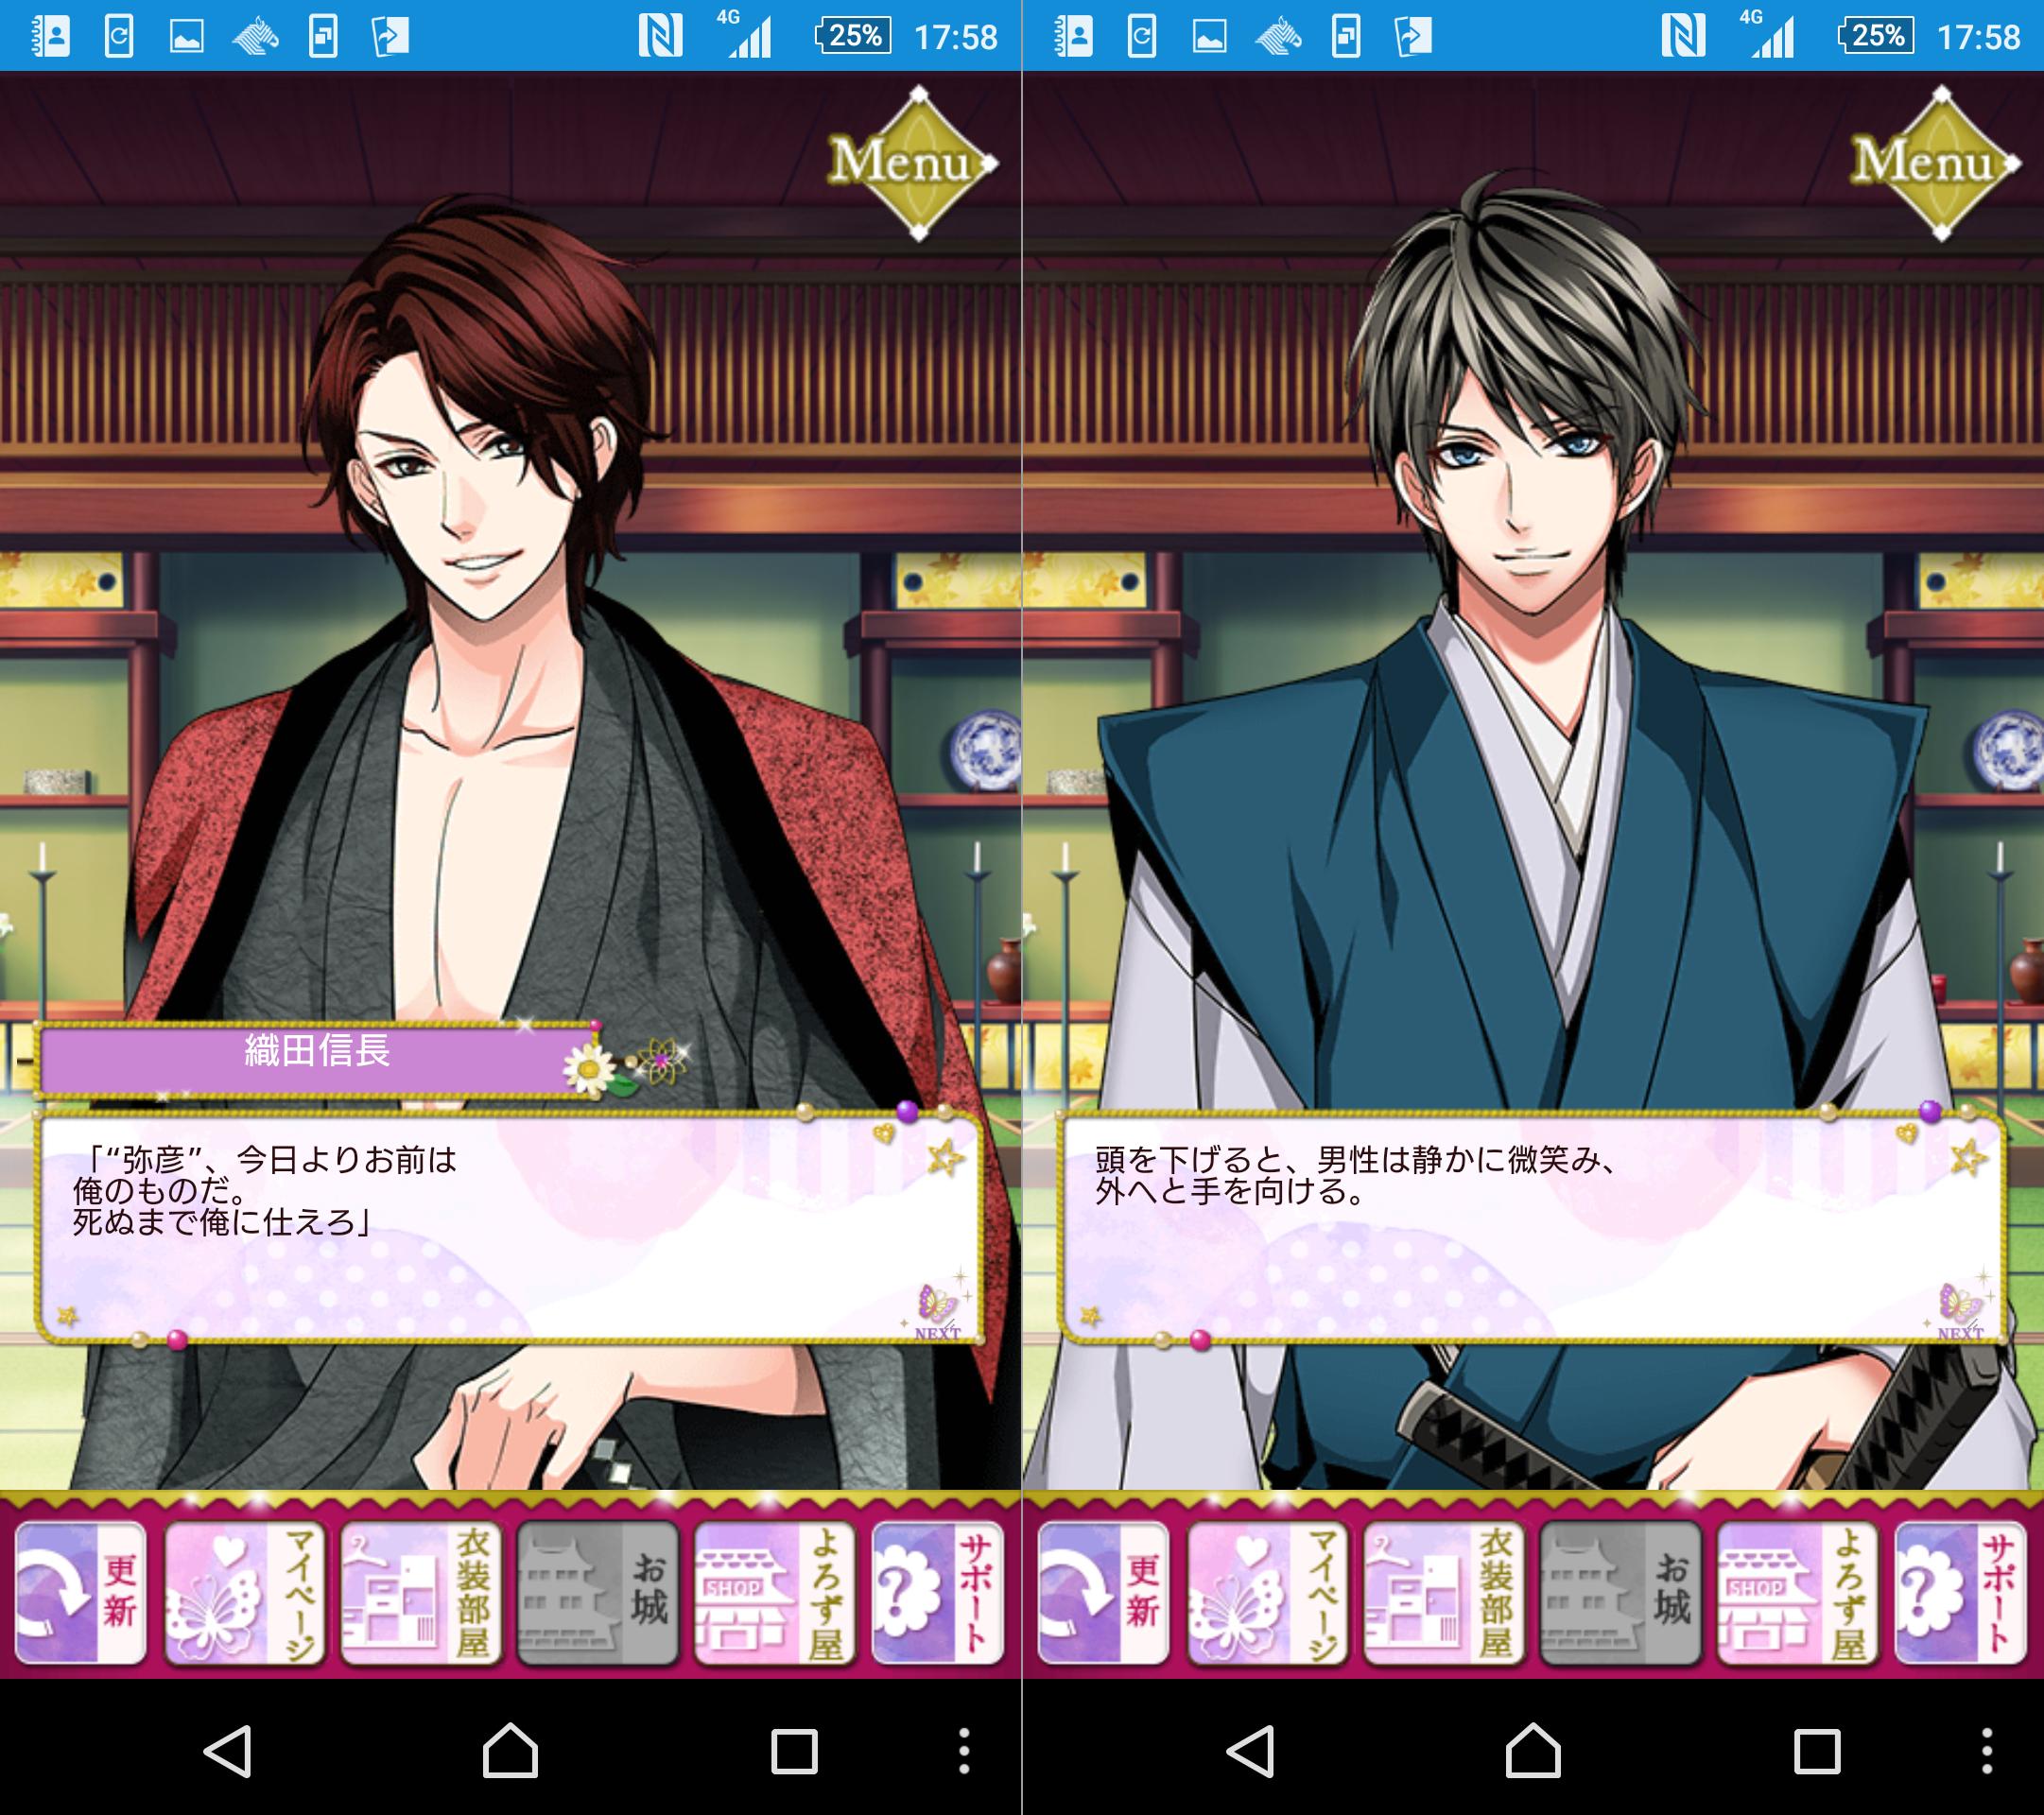 天下統一恋の乱 LoveBallad androidアプリスクリーンショット1